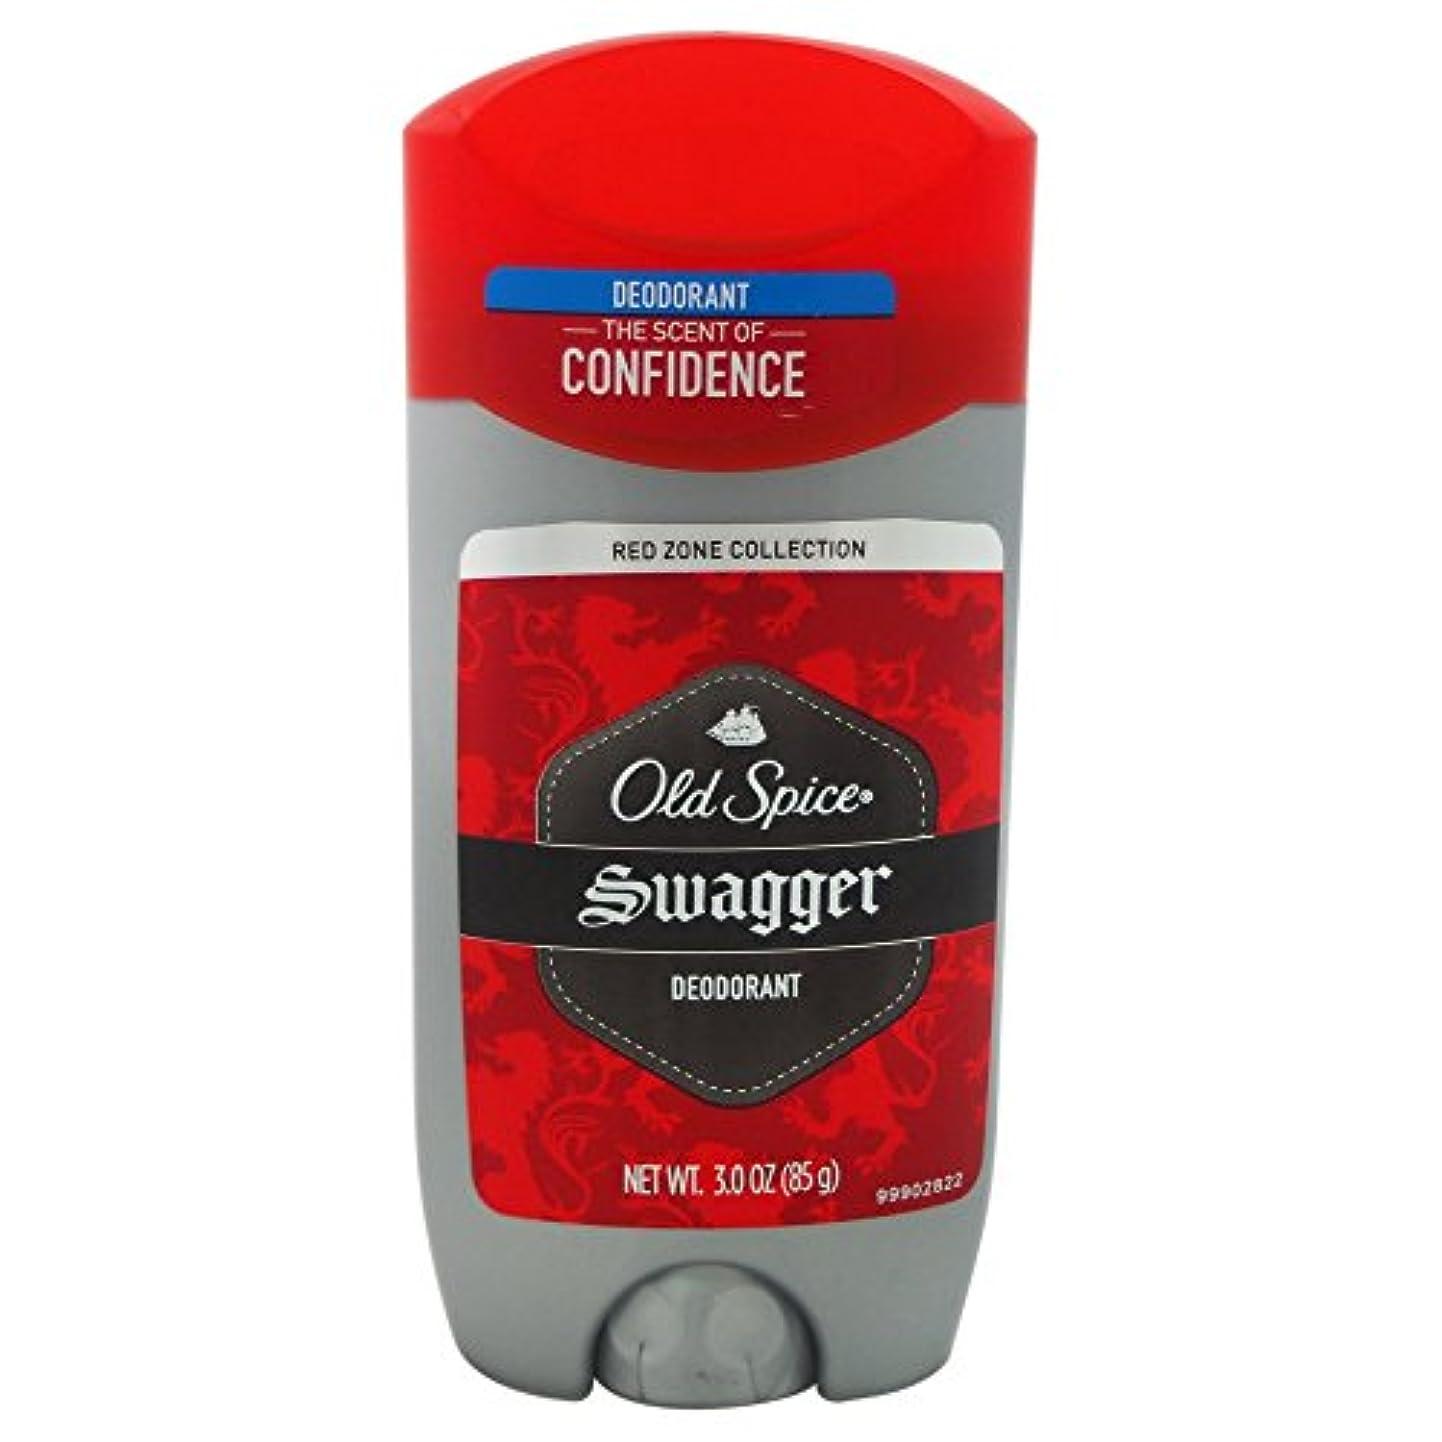 流体ミシン窒息させるオールドスパイス(Old Spice) RED ZONE COLLECTION スワッガー デオドラント 85g[並行輸入品]